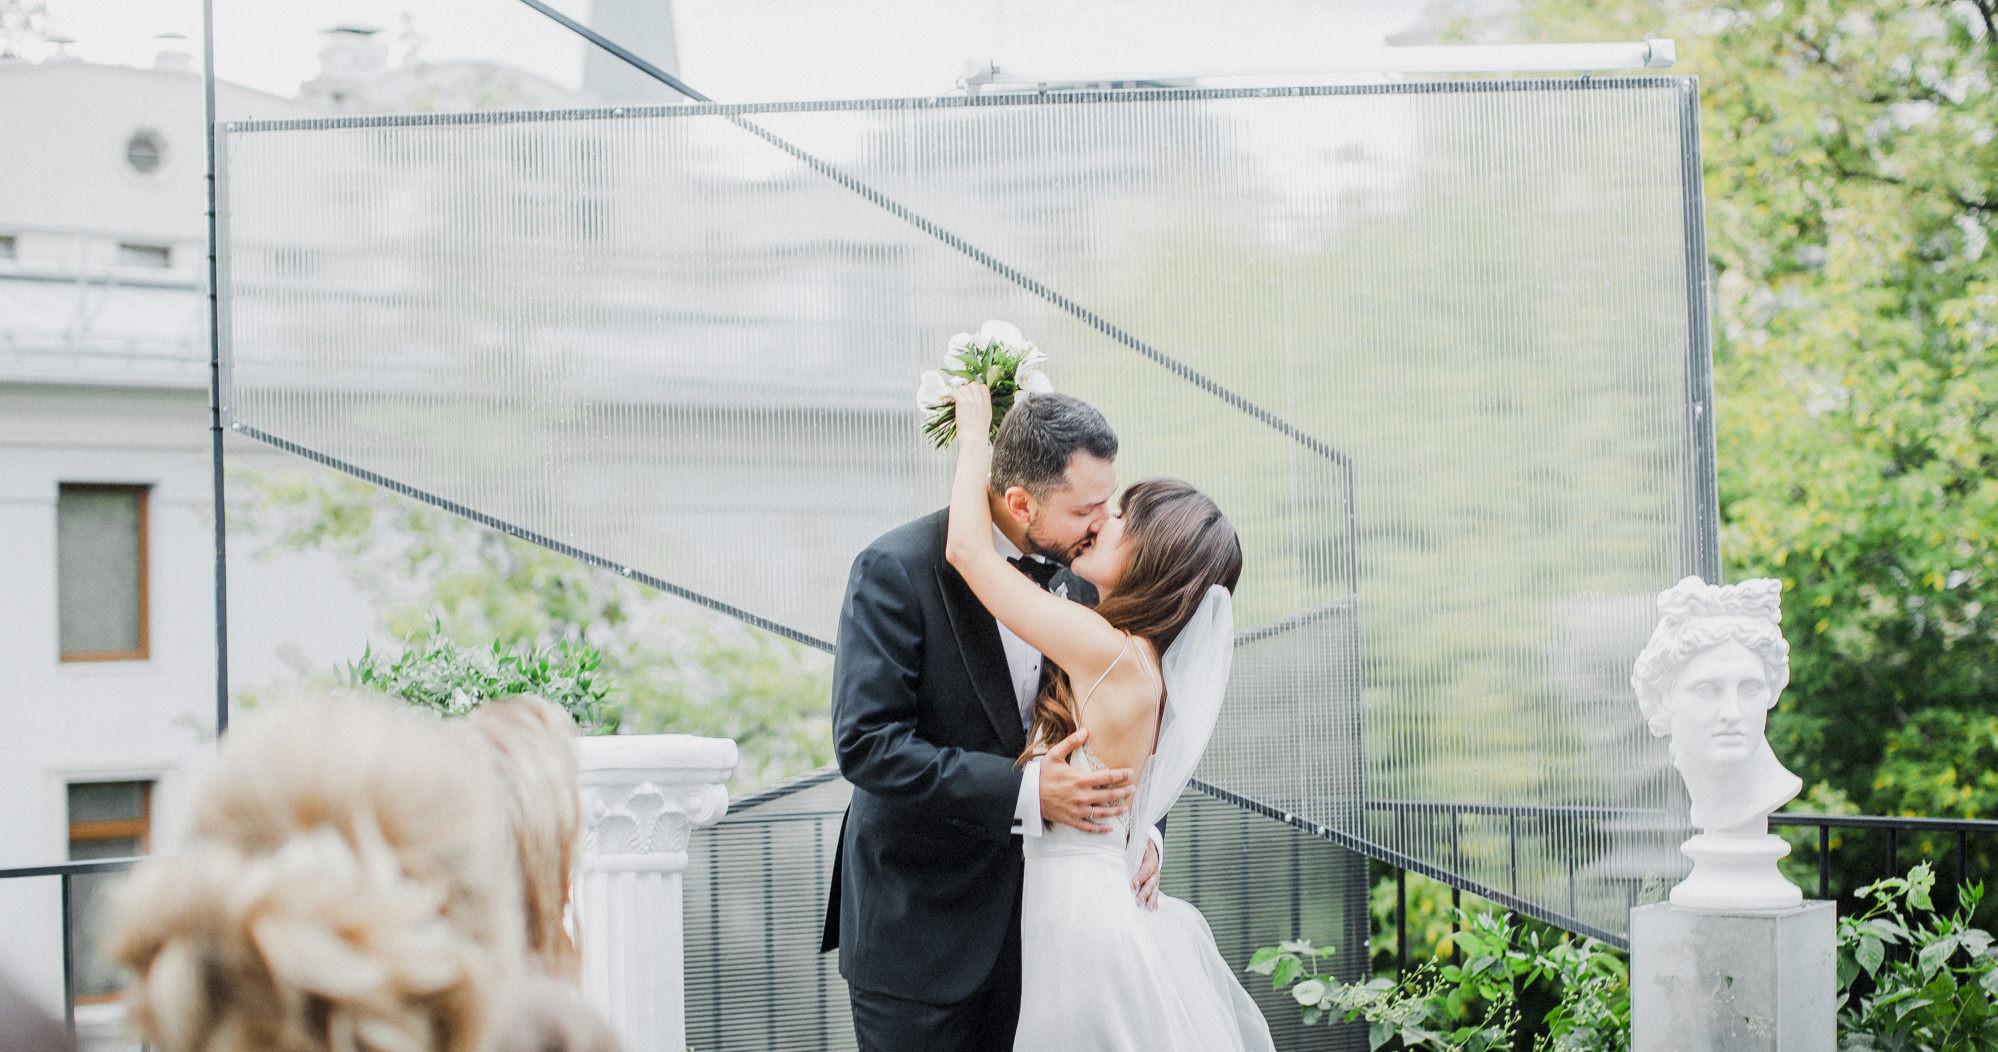 Белоснежная свадьба с церемонией на солнечной террасе